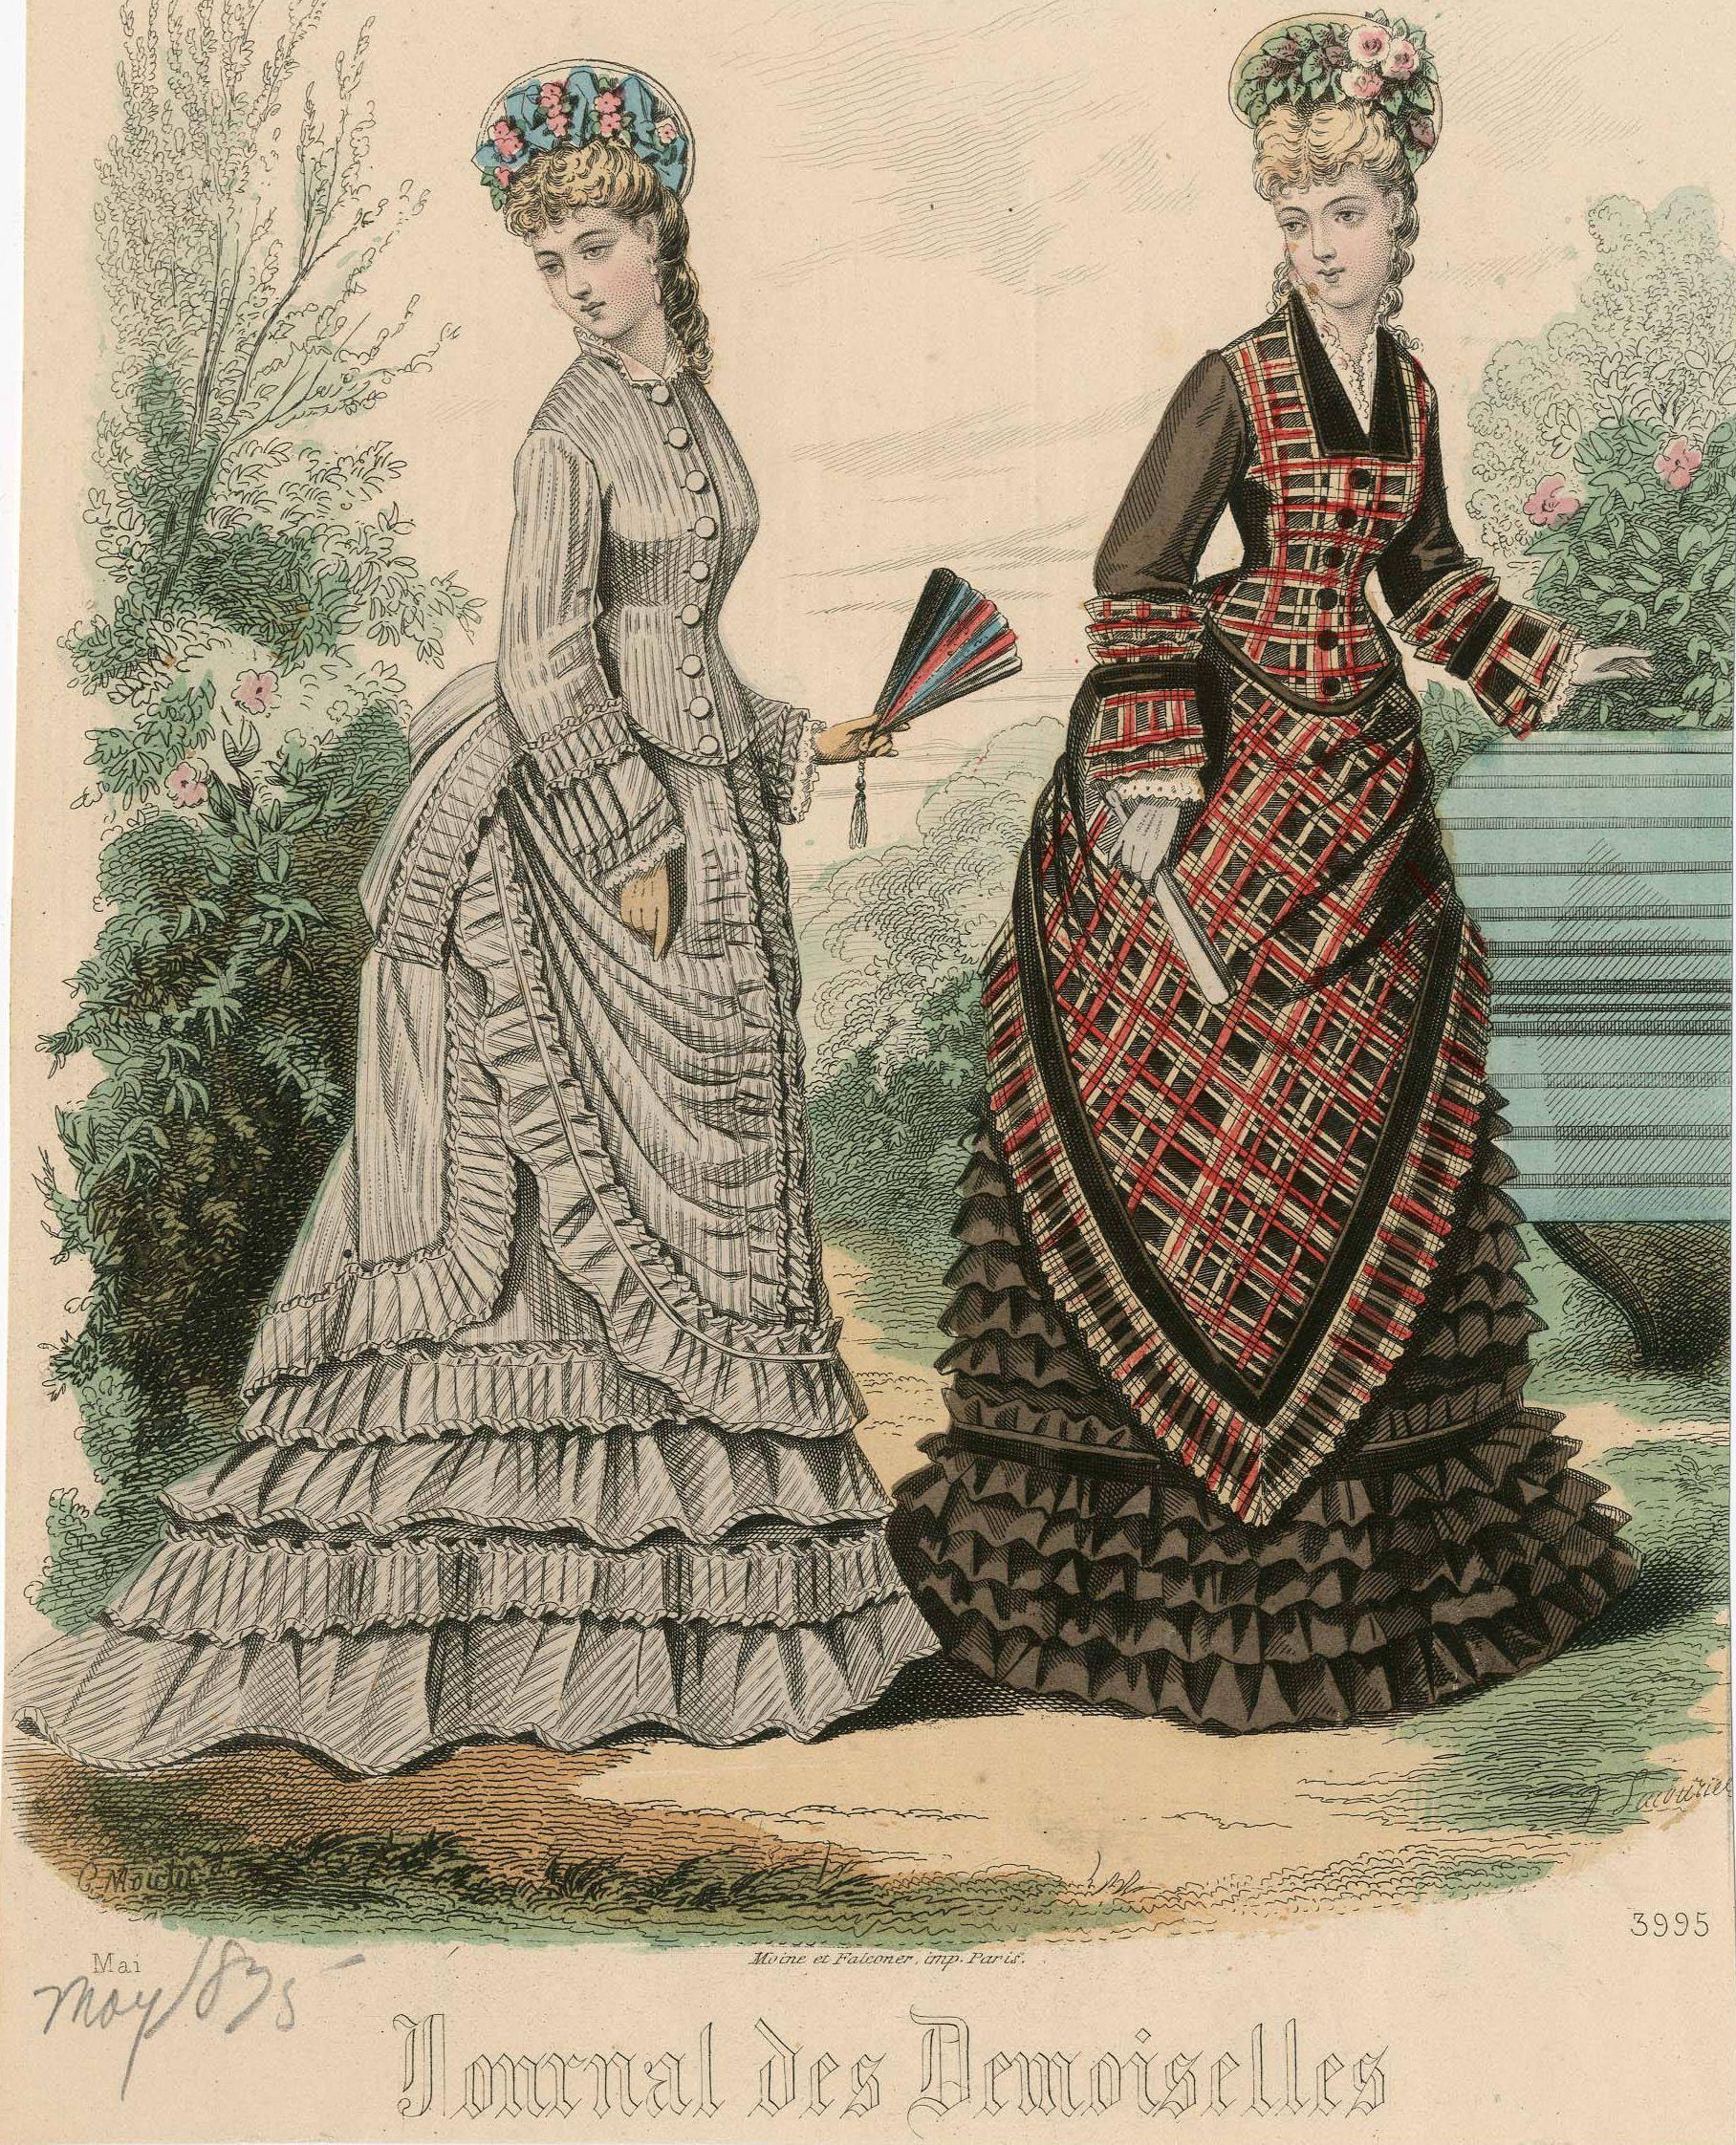 Journal des Demoiselles 1875